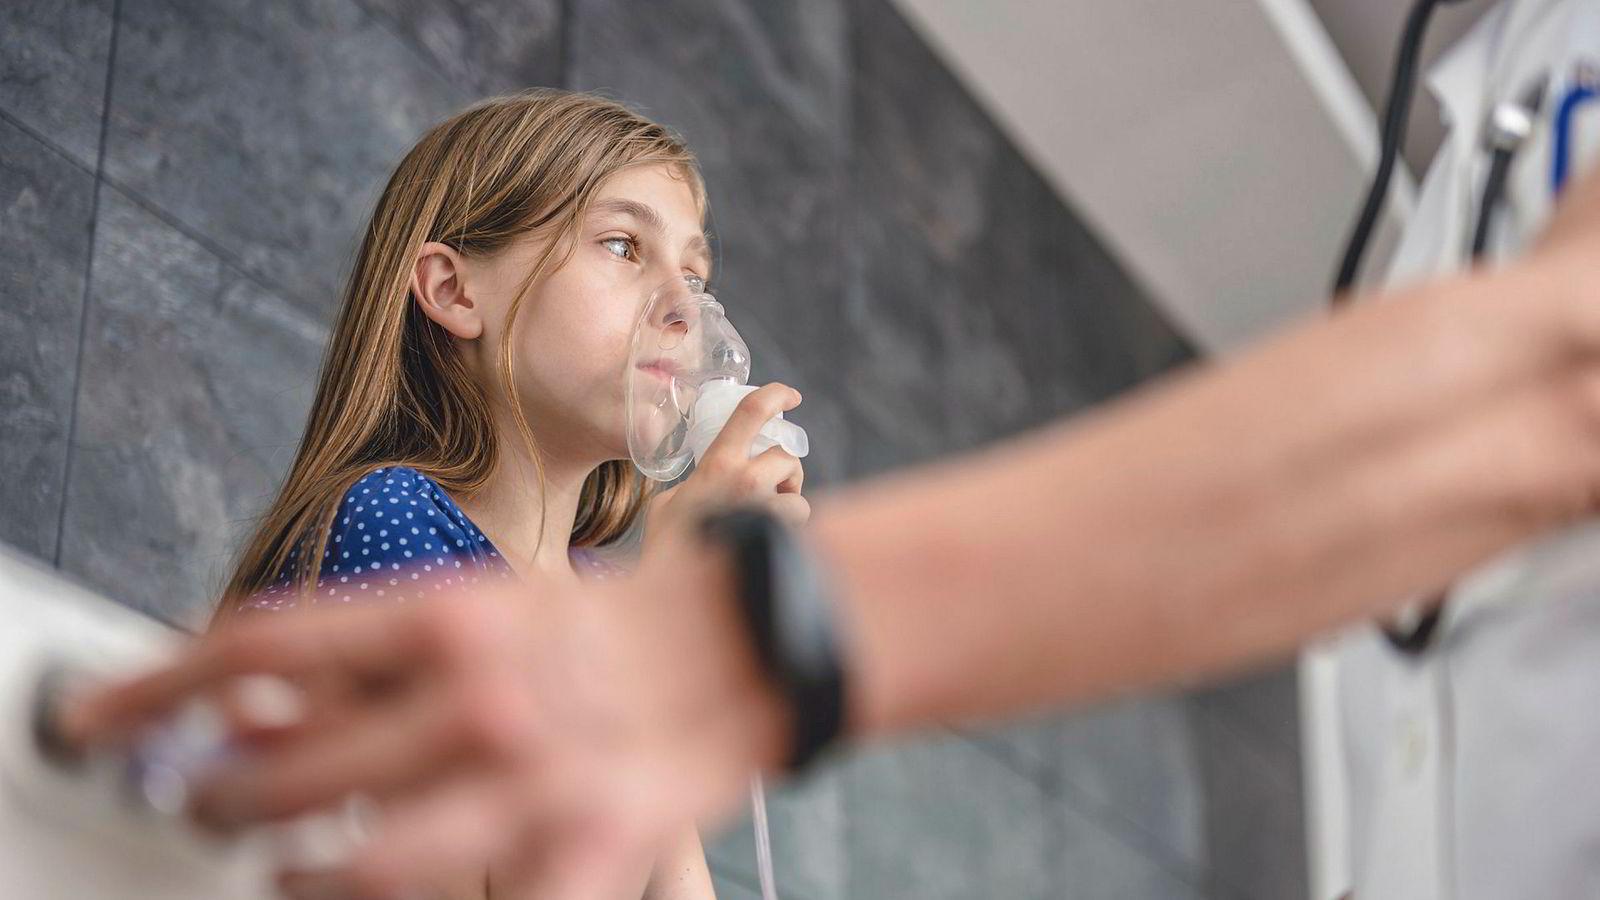 Over 150 barn og ungdommer med cystisk fibrose har testet den nye appen i seks måneder med positivt resultat.